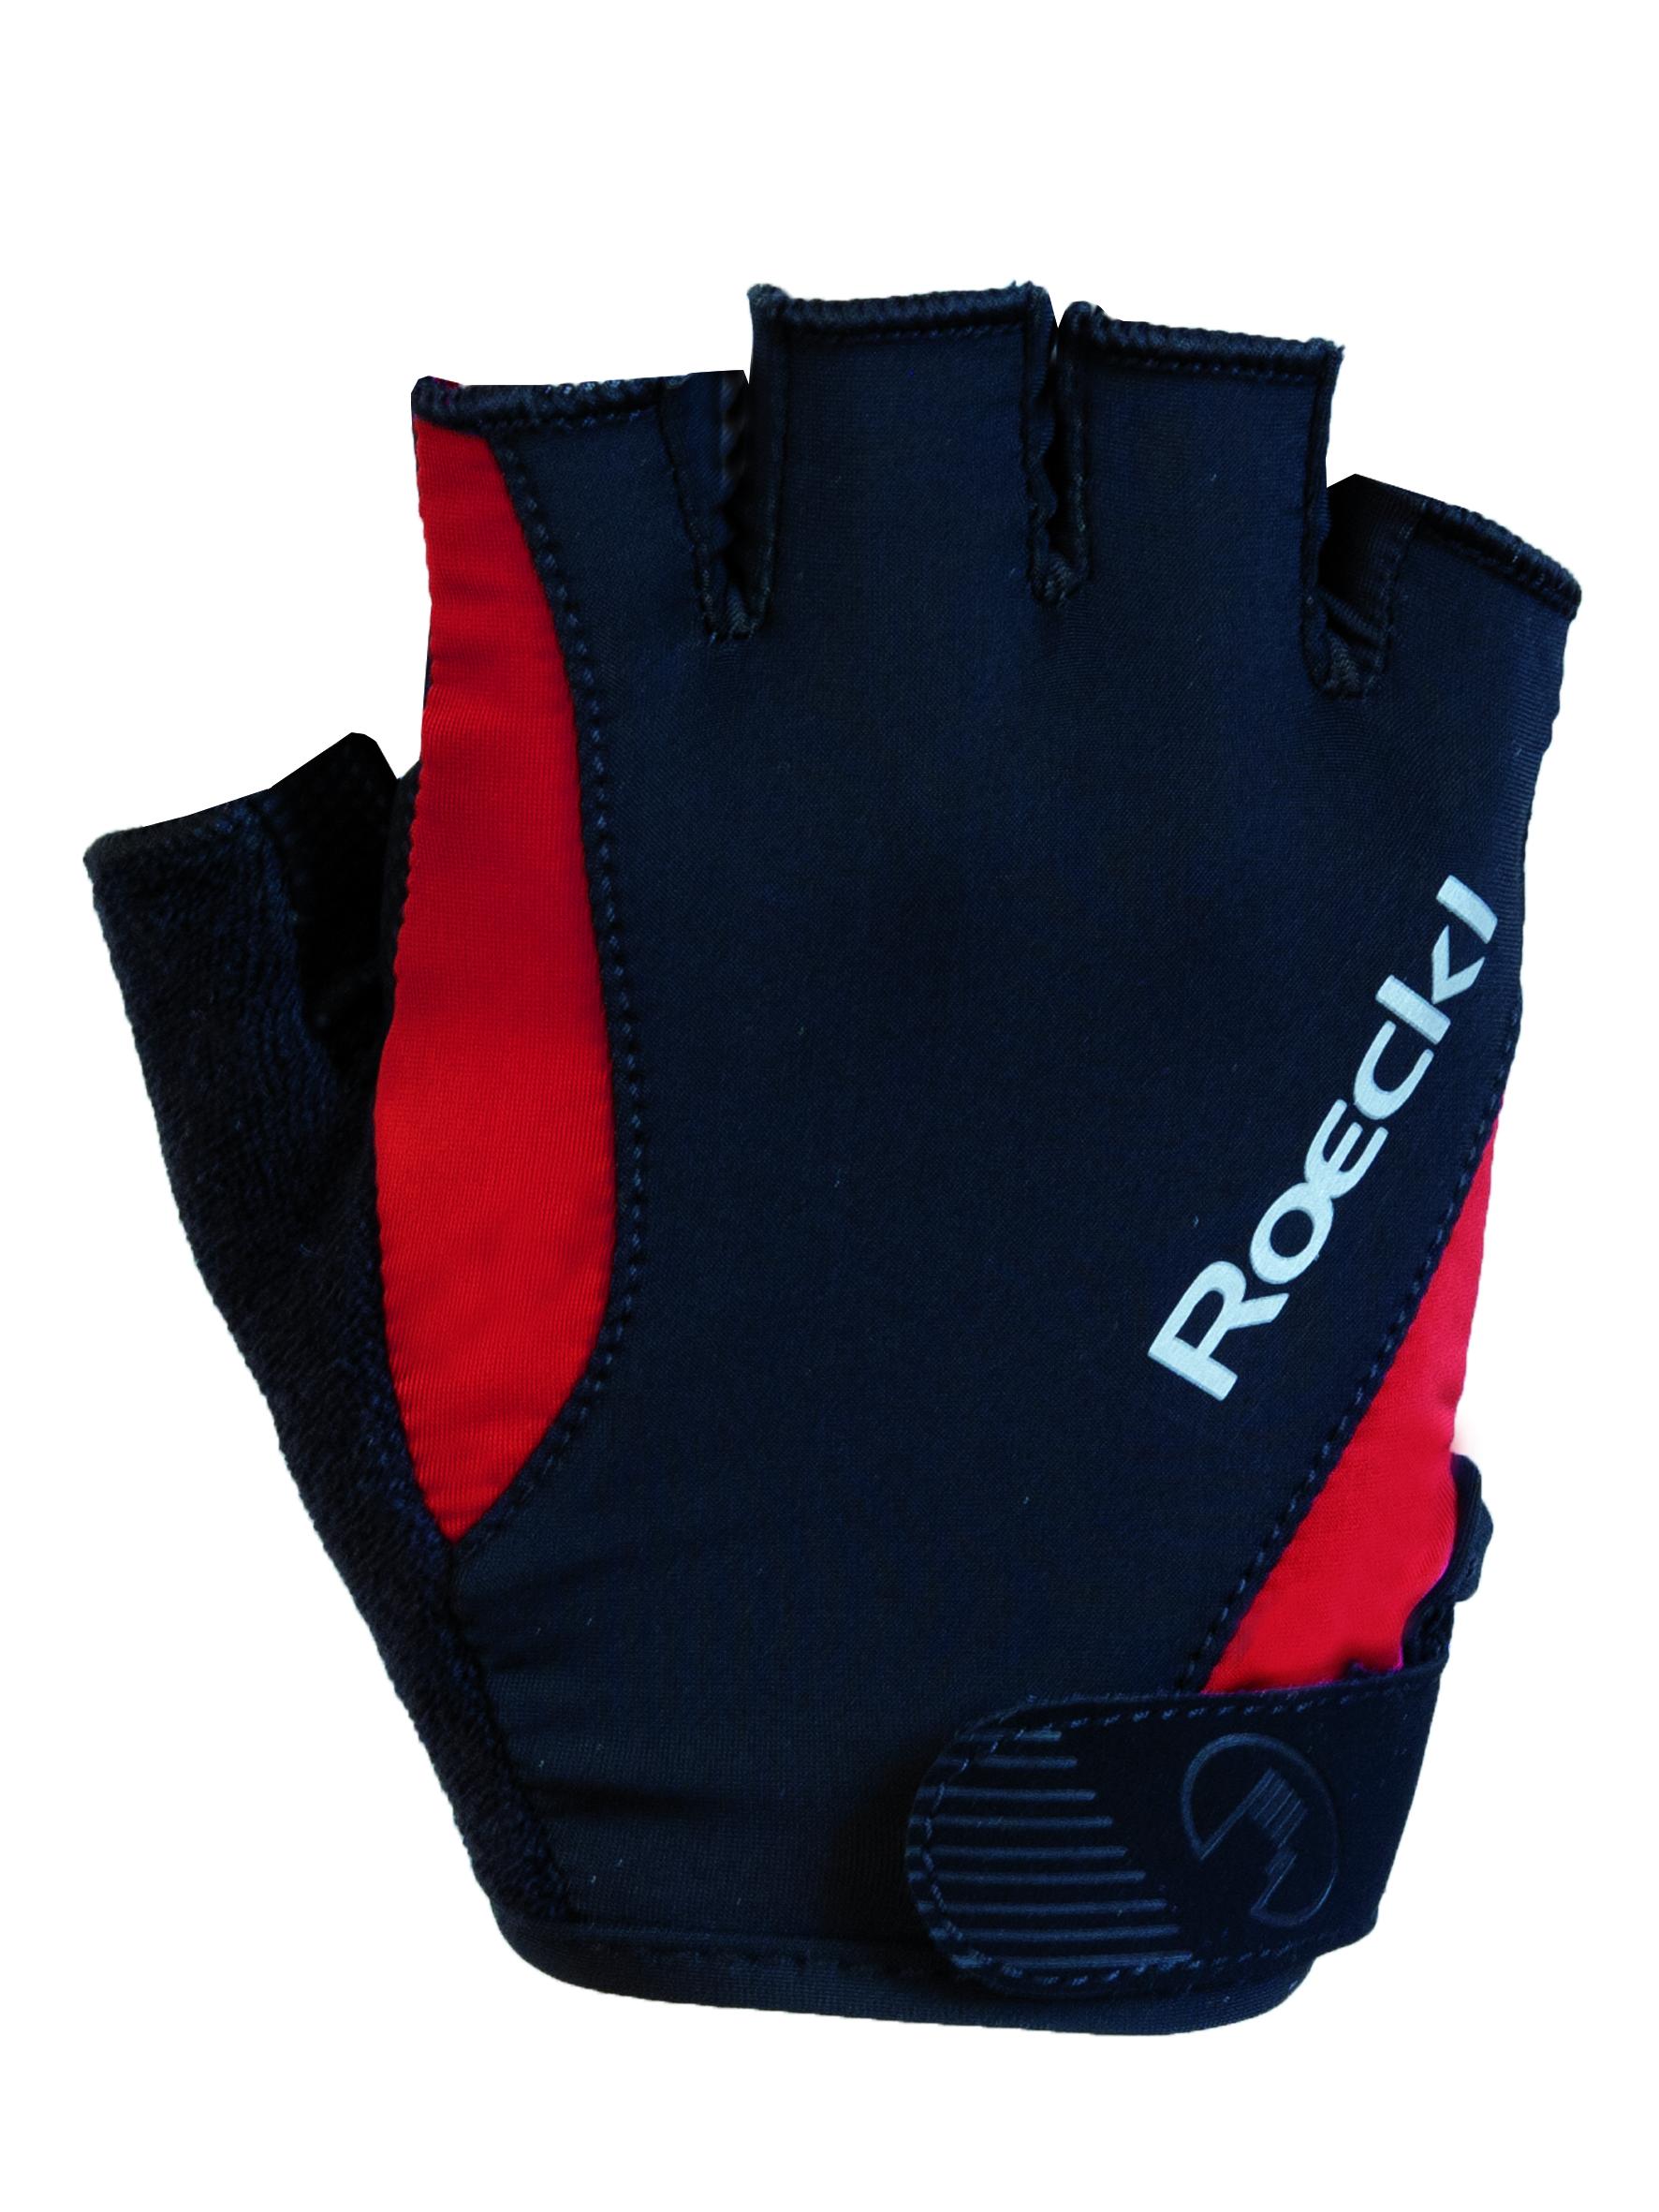 3101-368-004 Basel_black/red